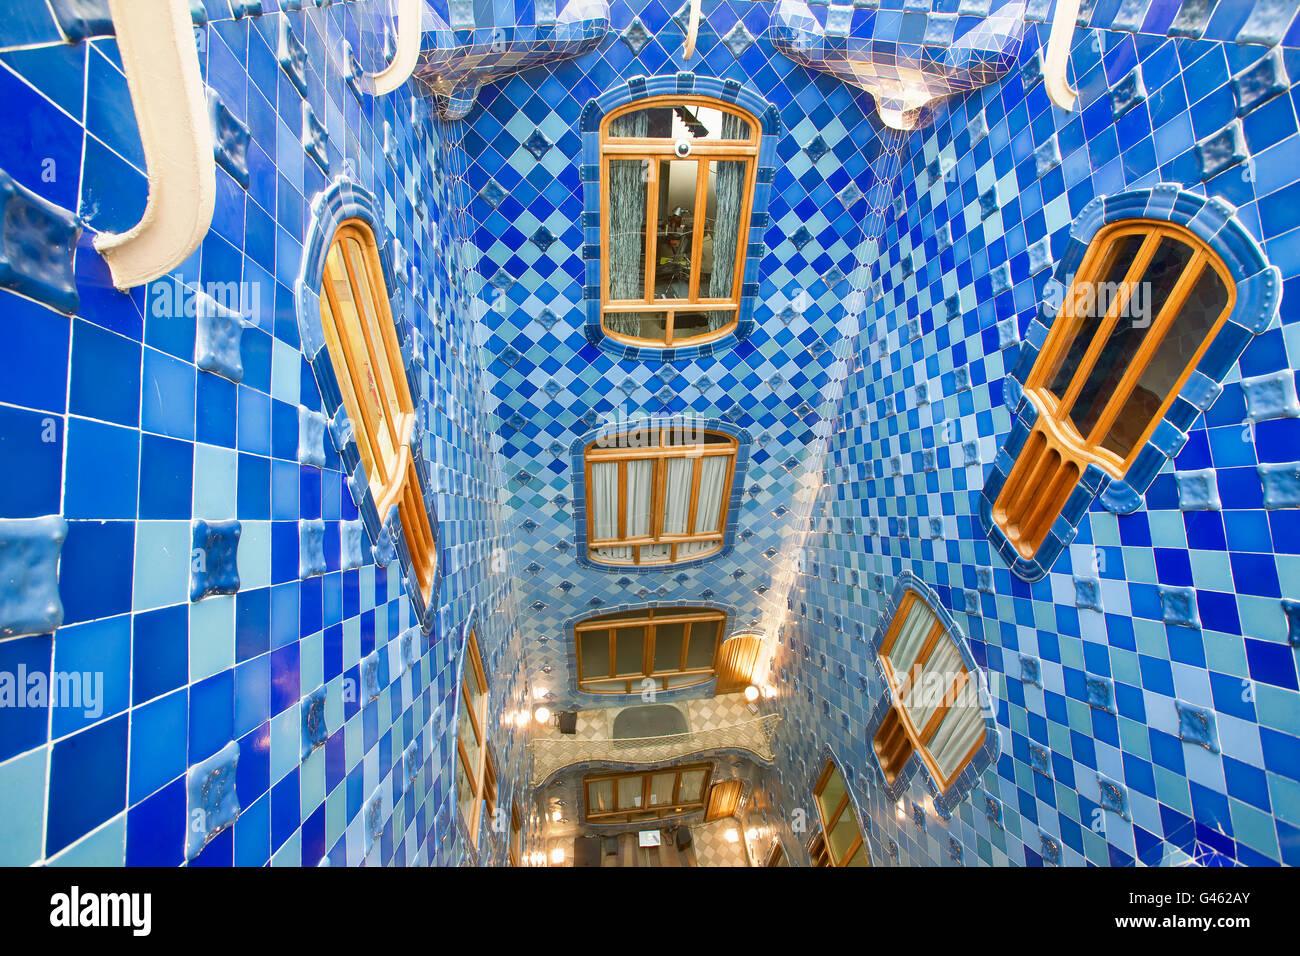 La casa Batlló de Gaudí en Barcelona Imagen De Stock